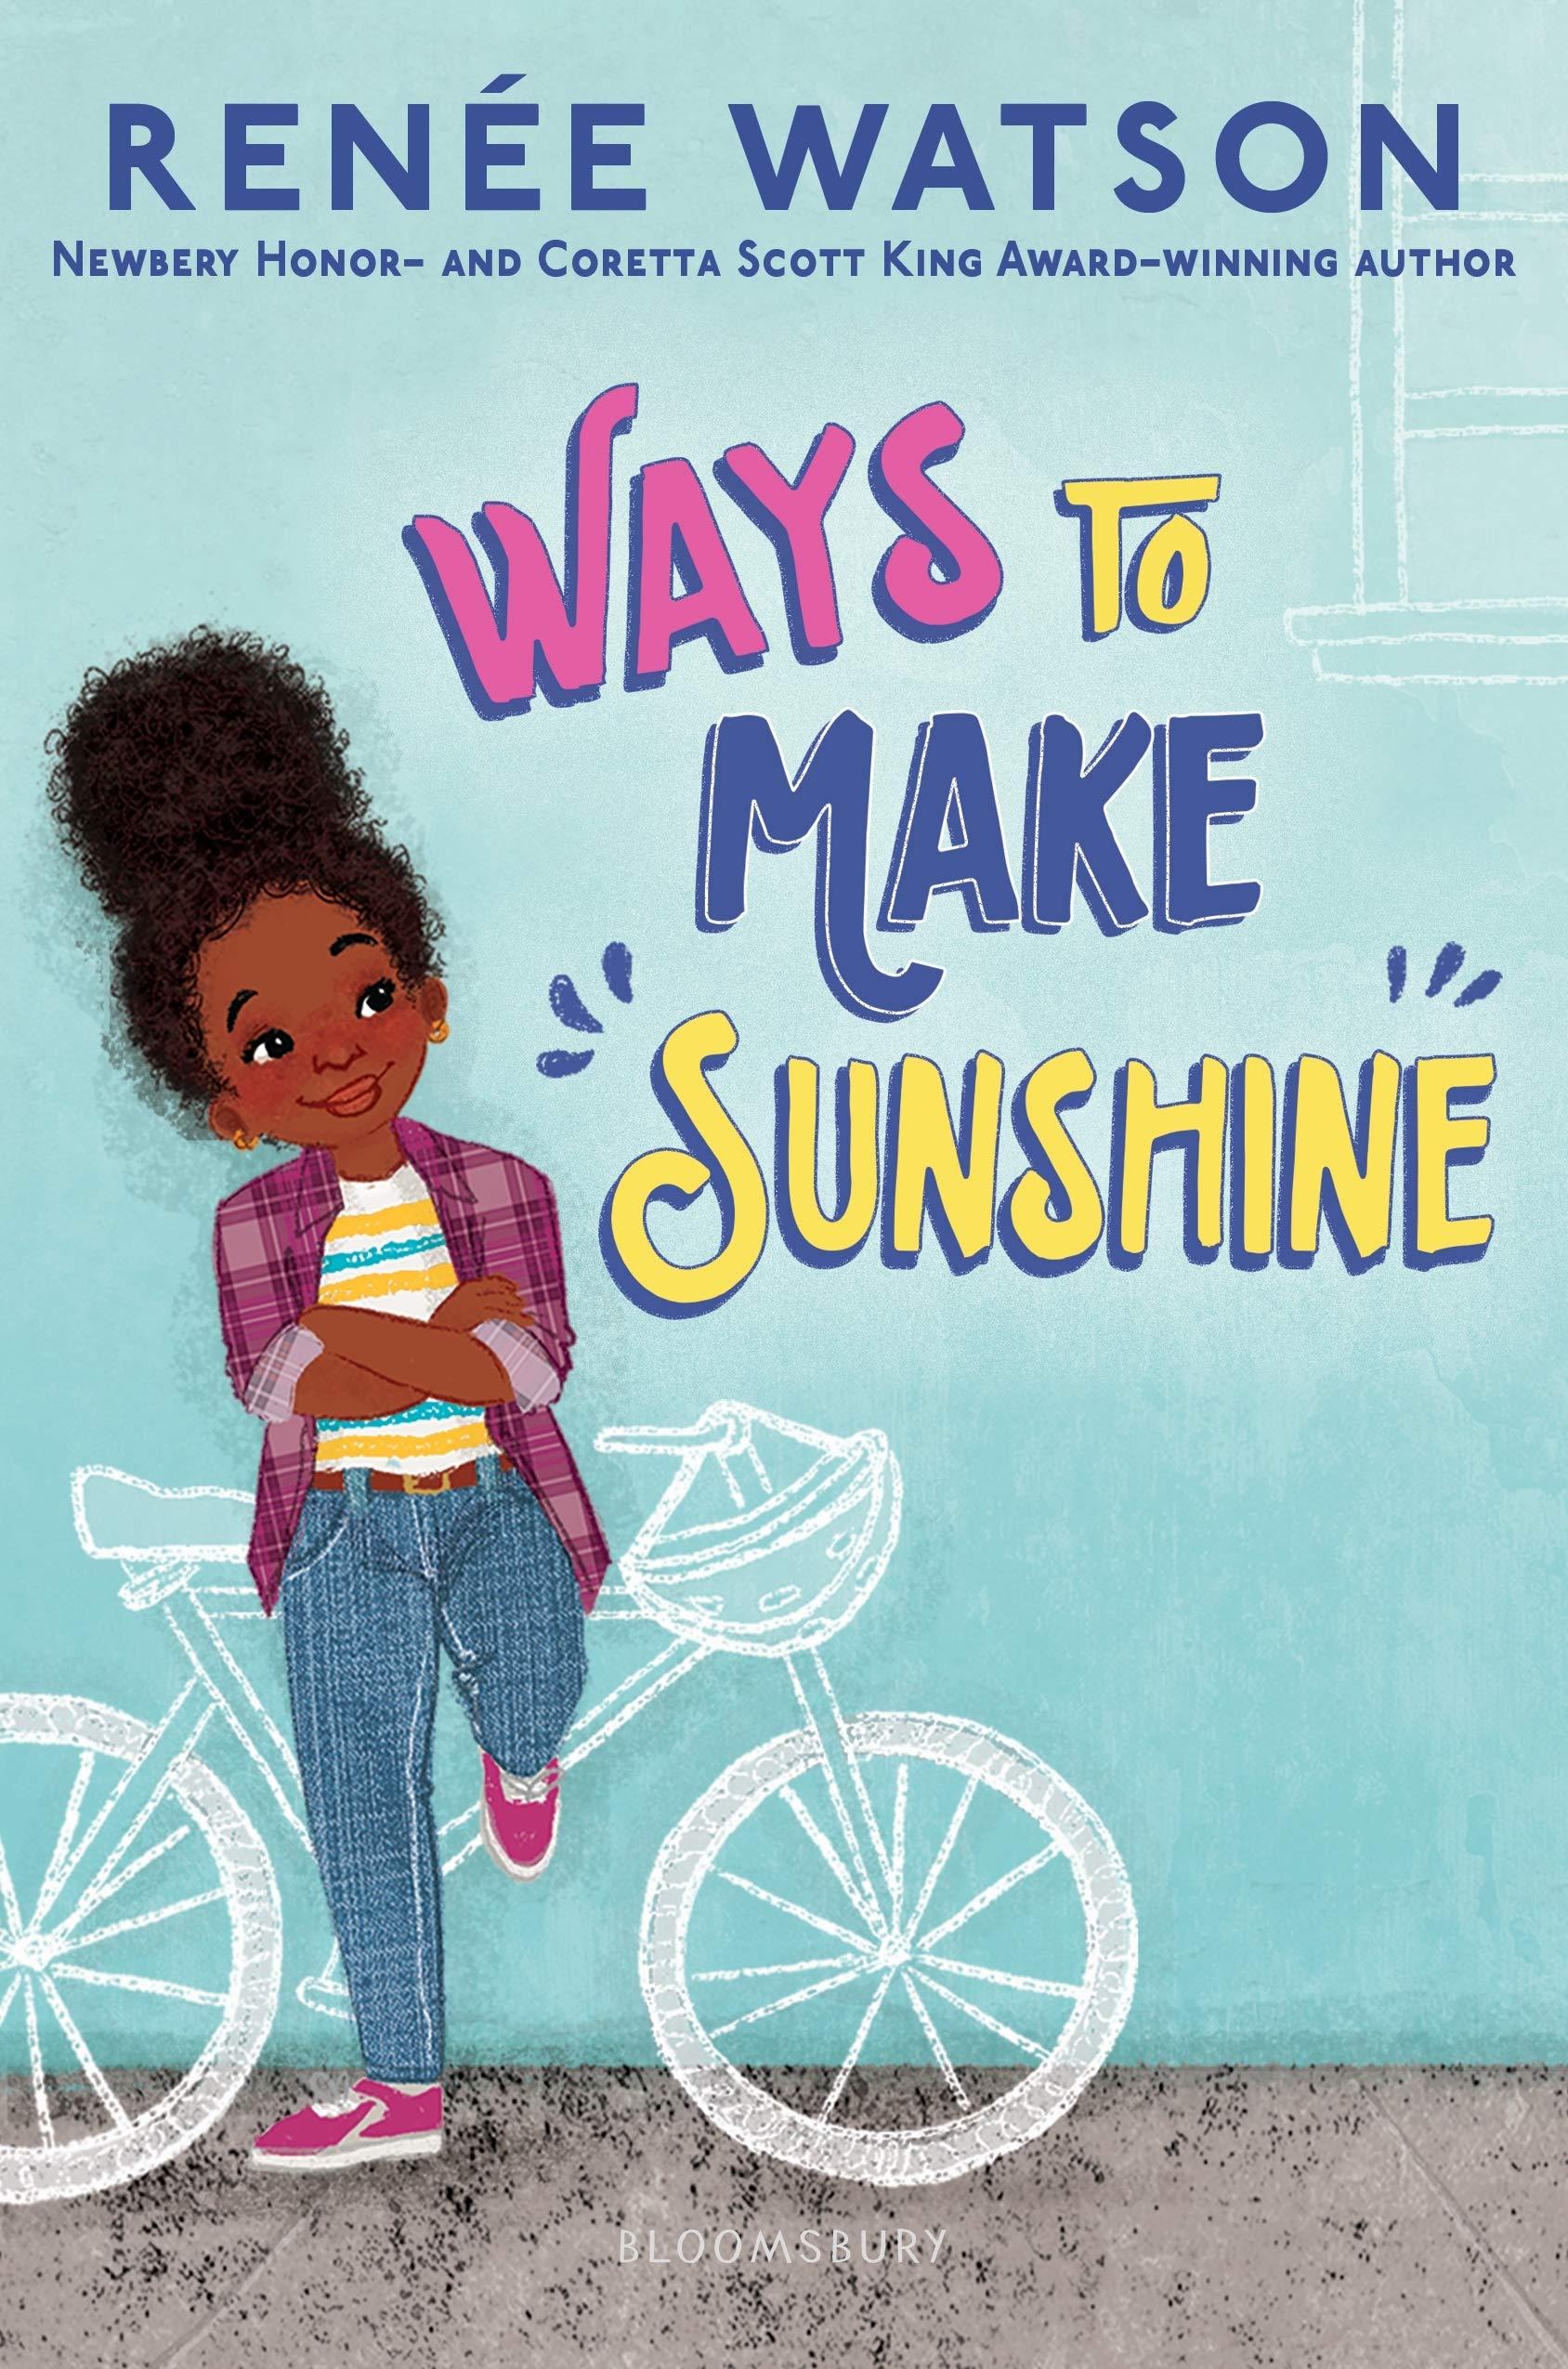 Ways to Make Sunshine (A Ryan Hart Novel, 1): Watson, Renée, Mata, Nina:  9781547600564: Amazon.com: Books